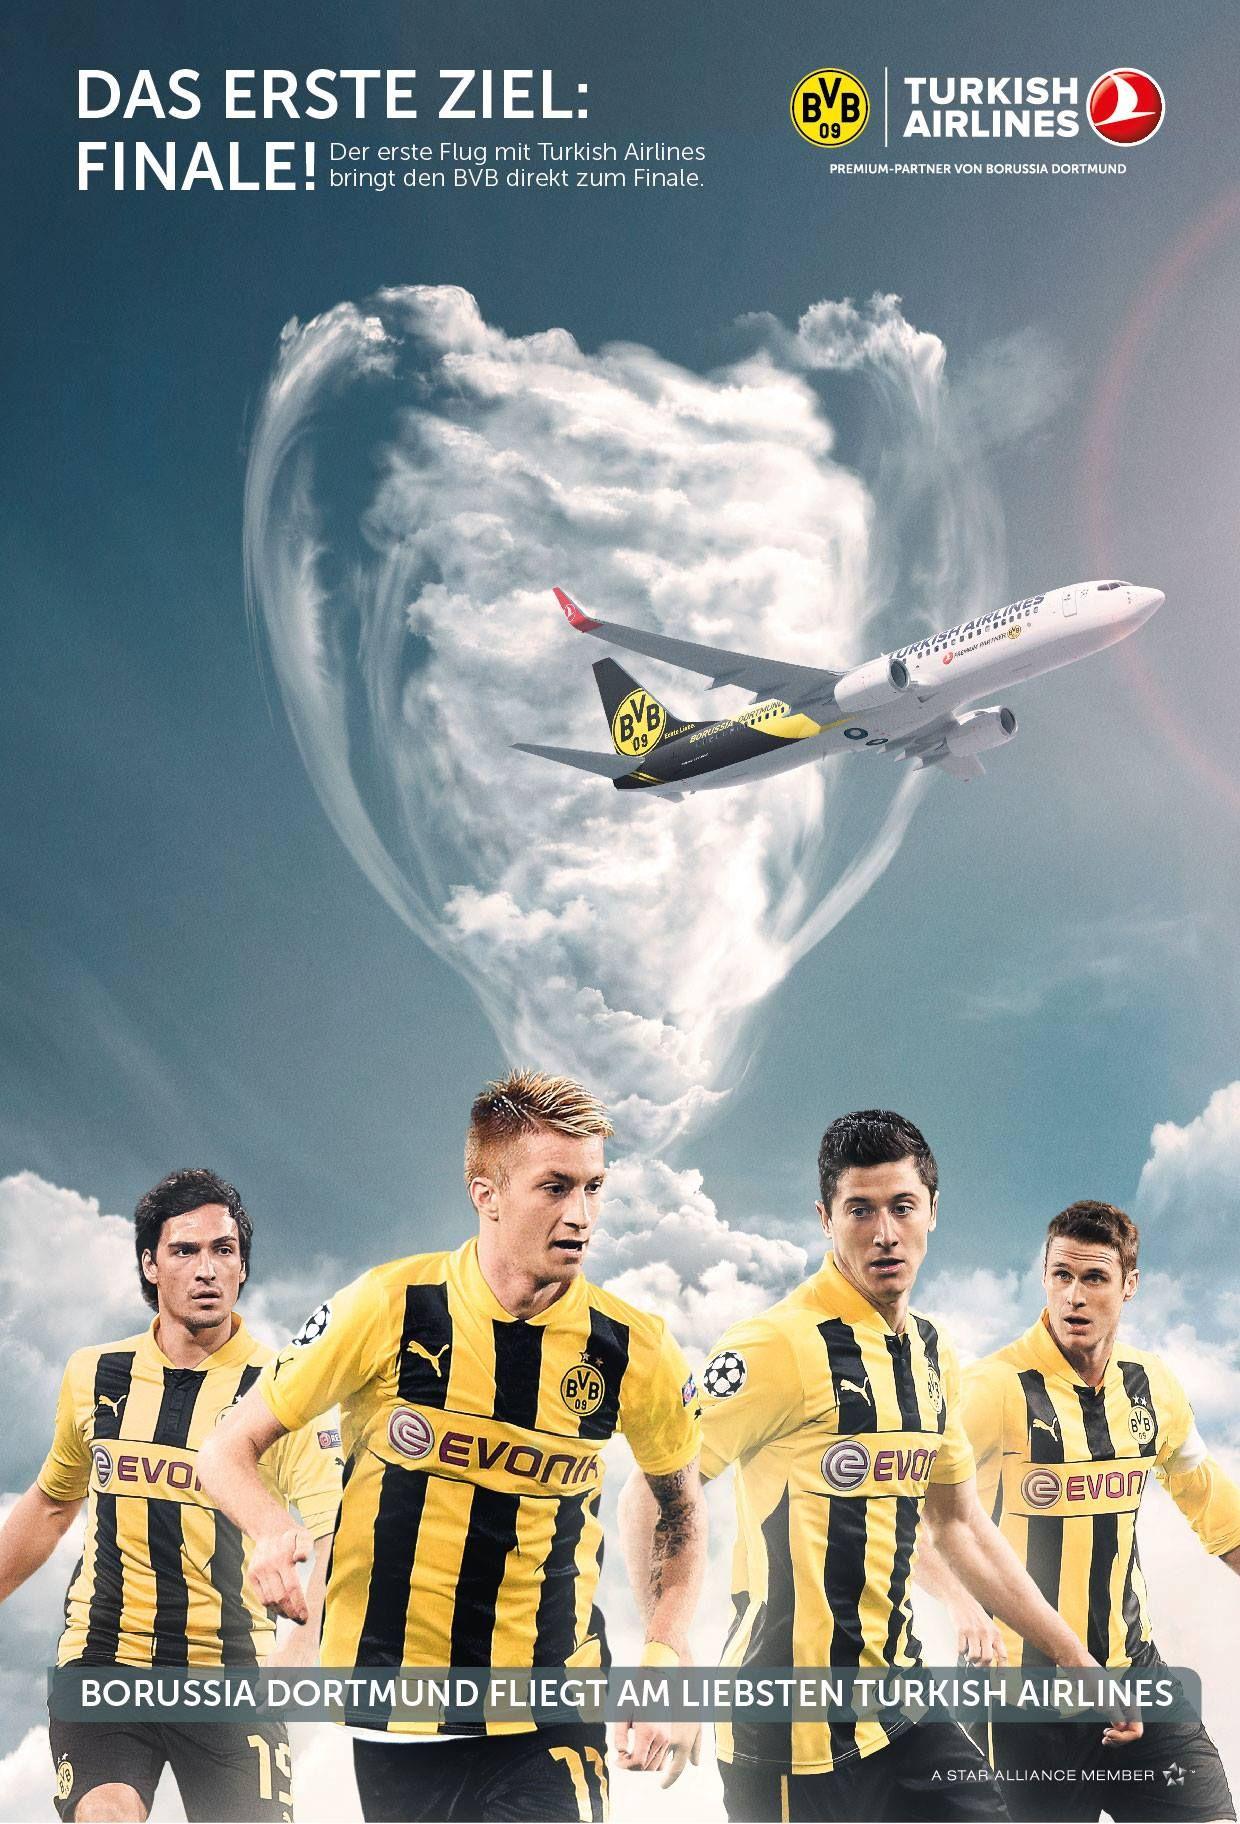 Borussia Dortmund, Turkish Airlines | SchwarzGelb | Borussia